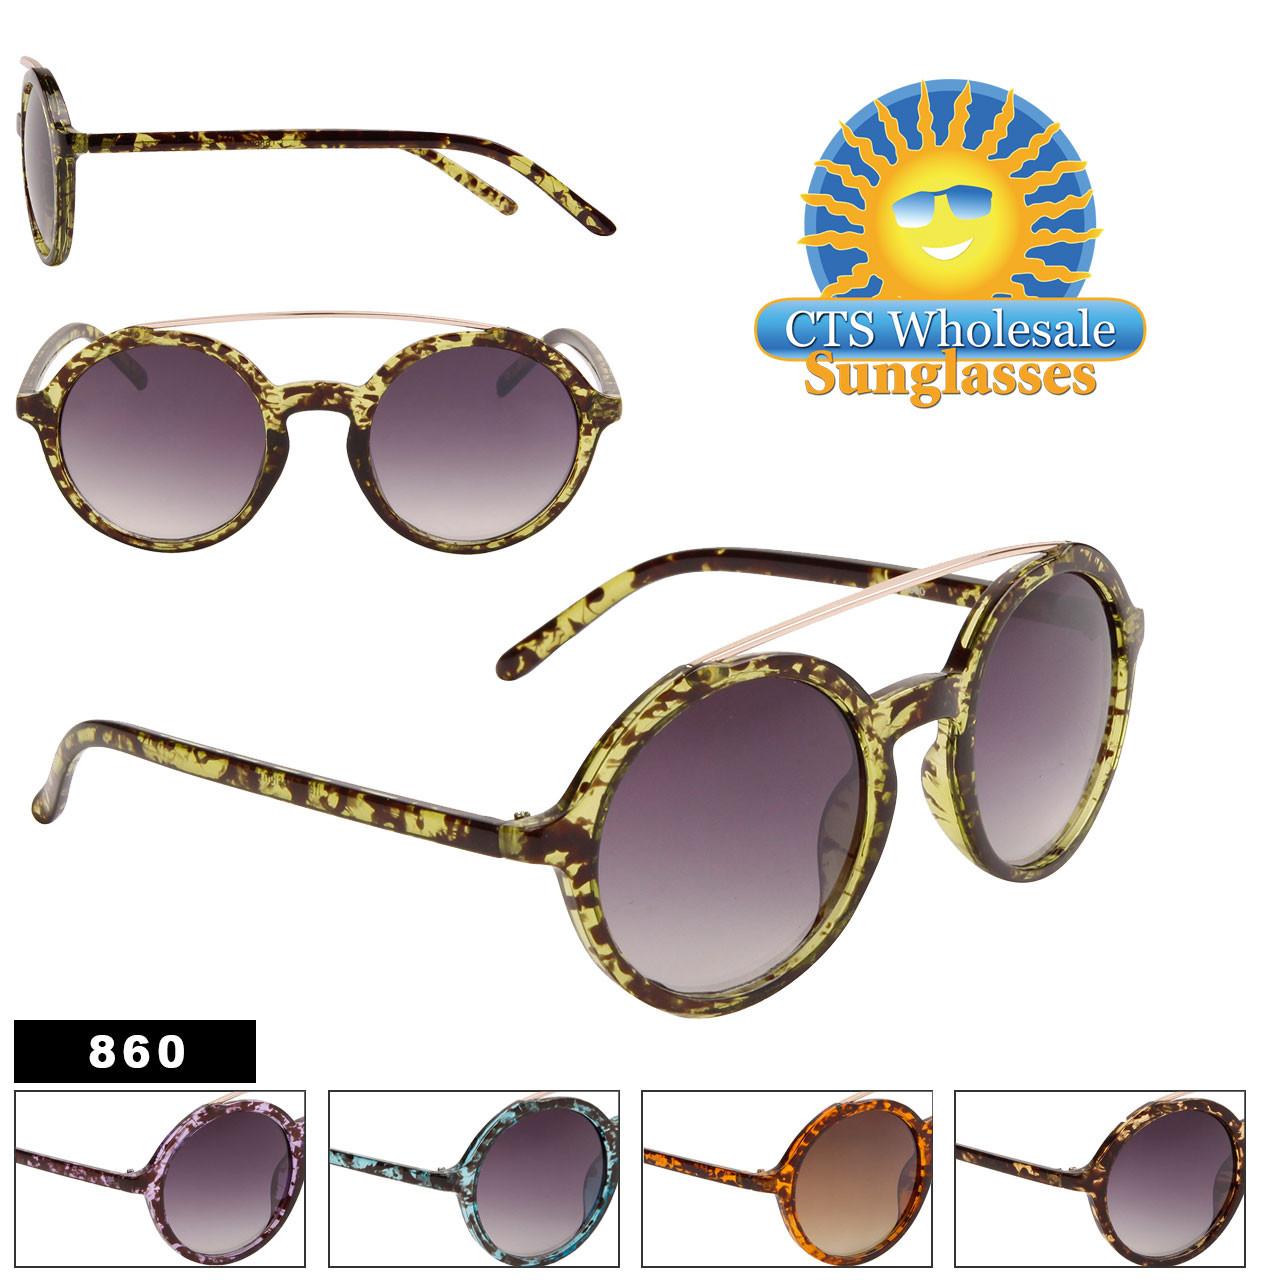 Wholesale John Lennon Inspired Sunglasses - Style #860